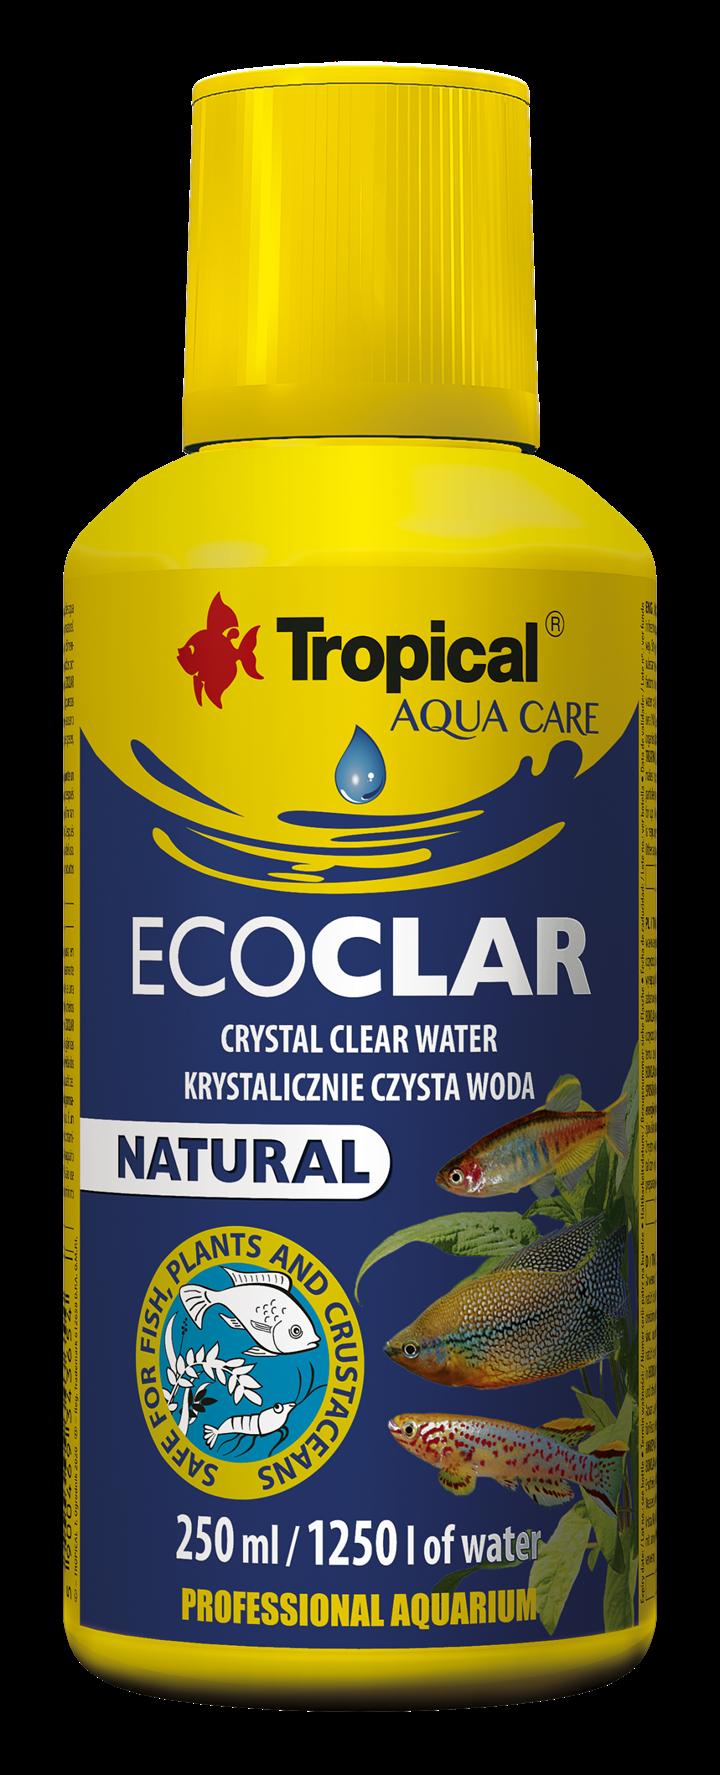 Ecoclar